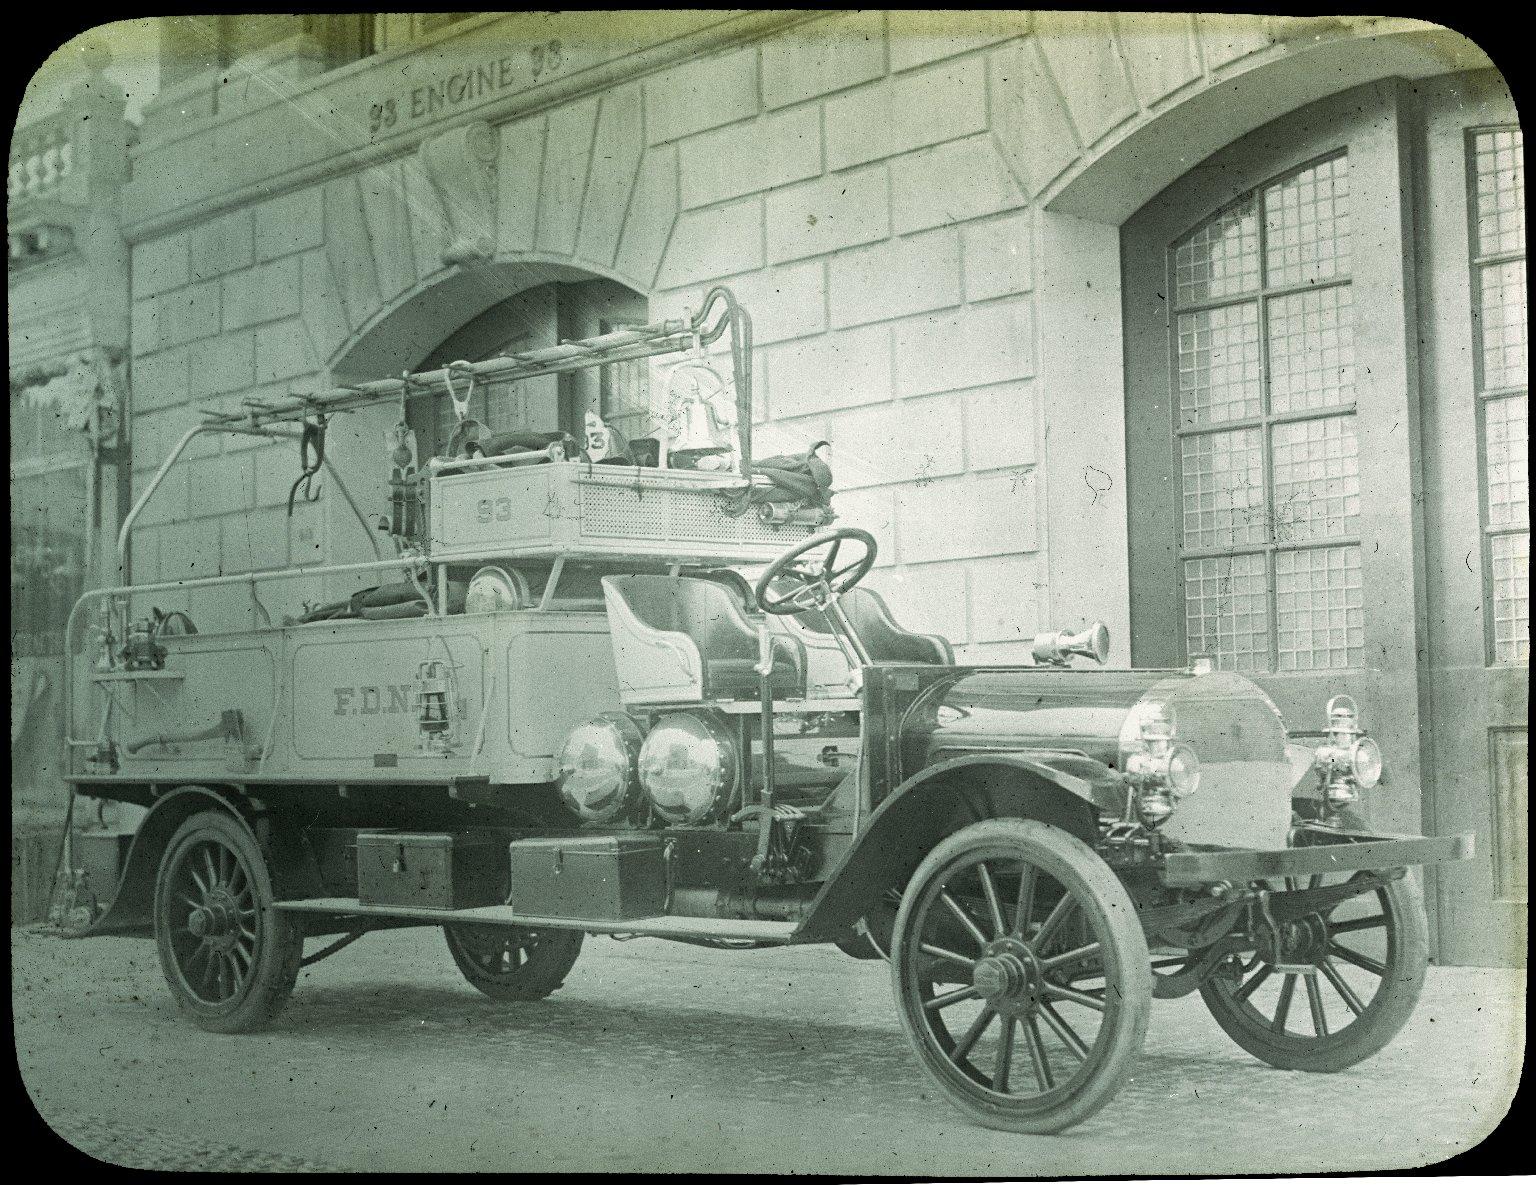 Рукавный автомобиль. Нью-Йорк, США. Начало 20 века